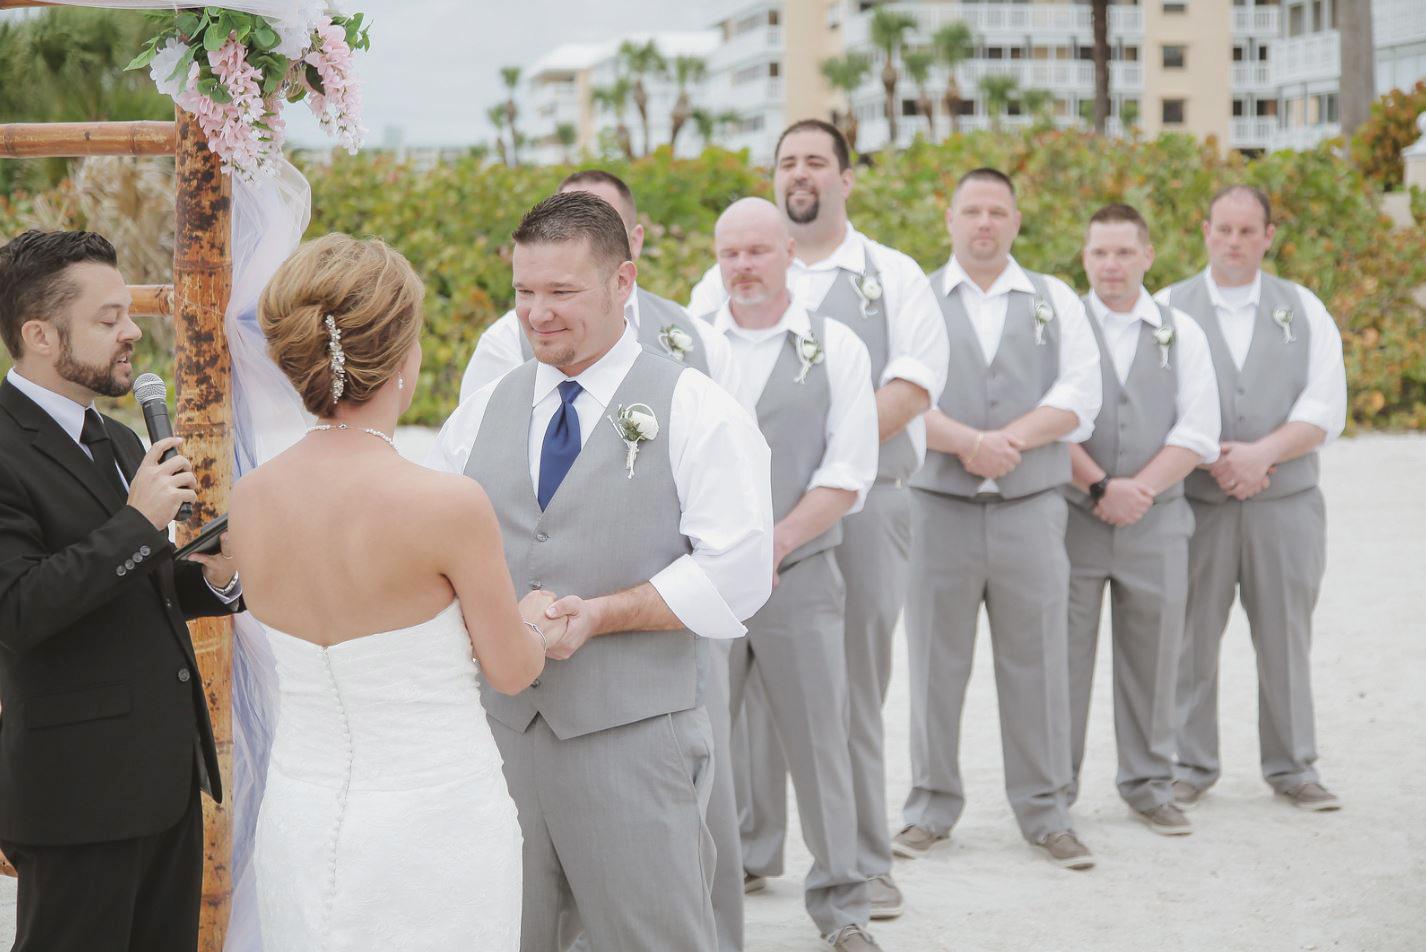 Jaime_wedding_photographer_019.JPG